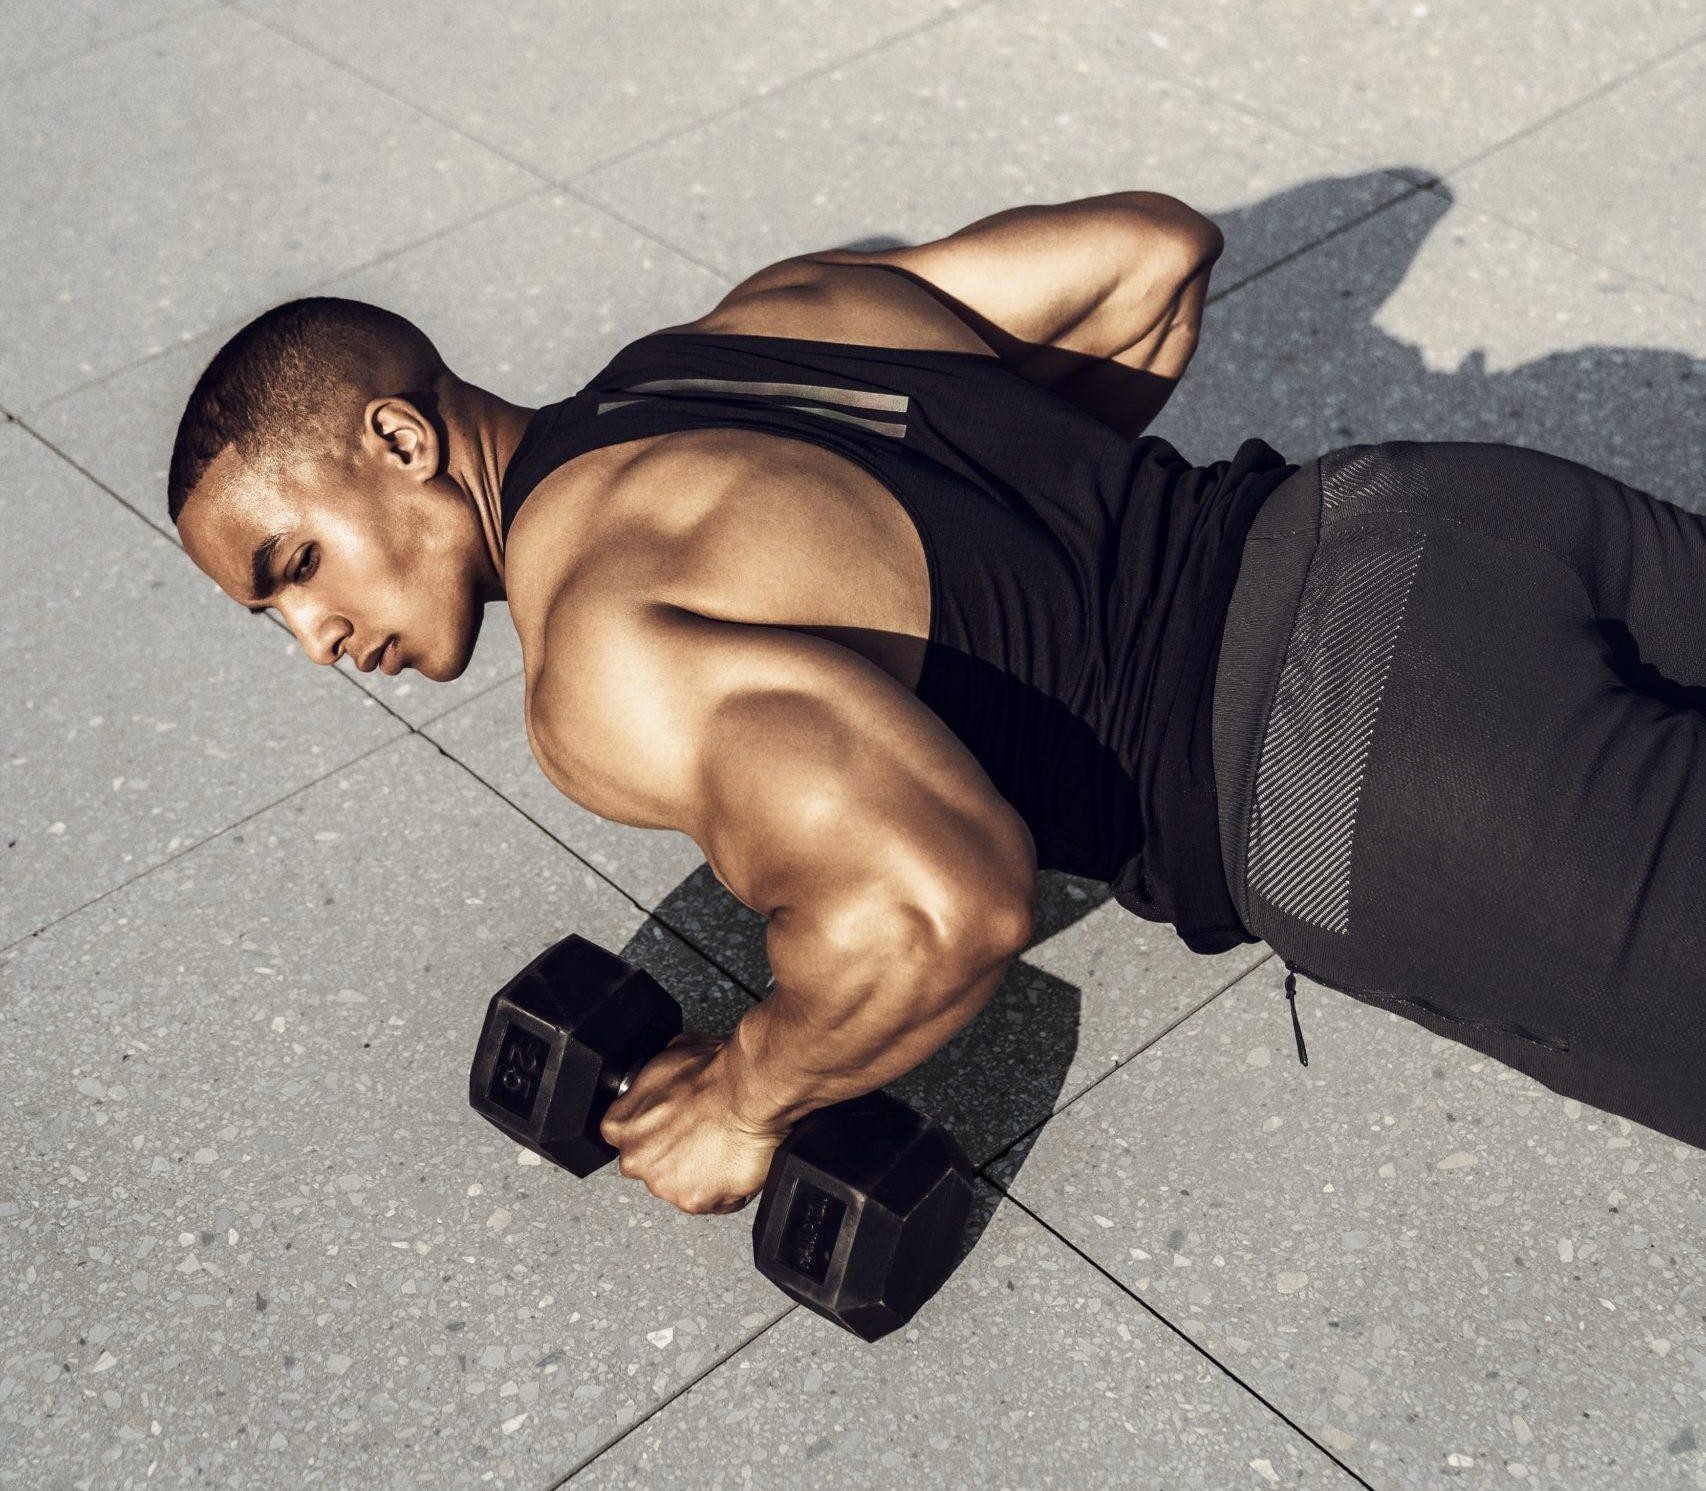 DSC3471 scaled e1588010028416 - fitness, face-time - Ryan Harden -  - Ryan Harden